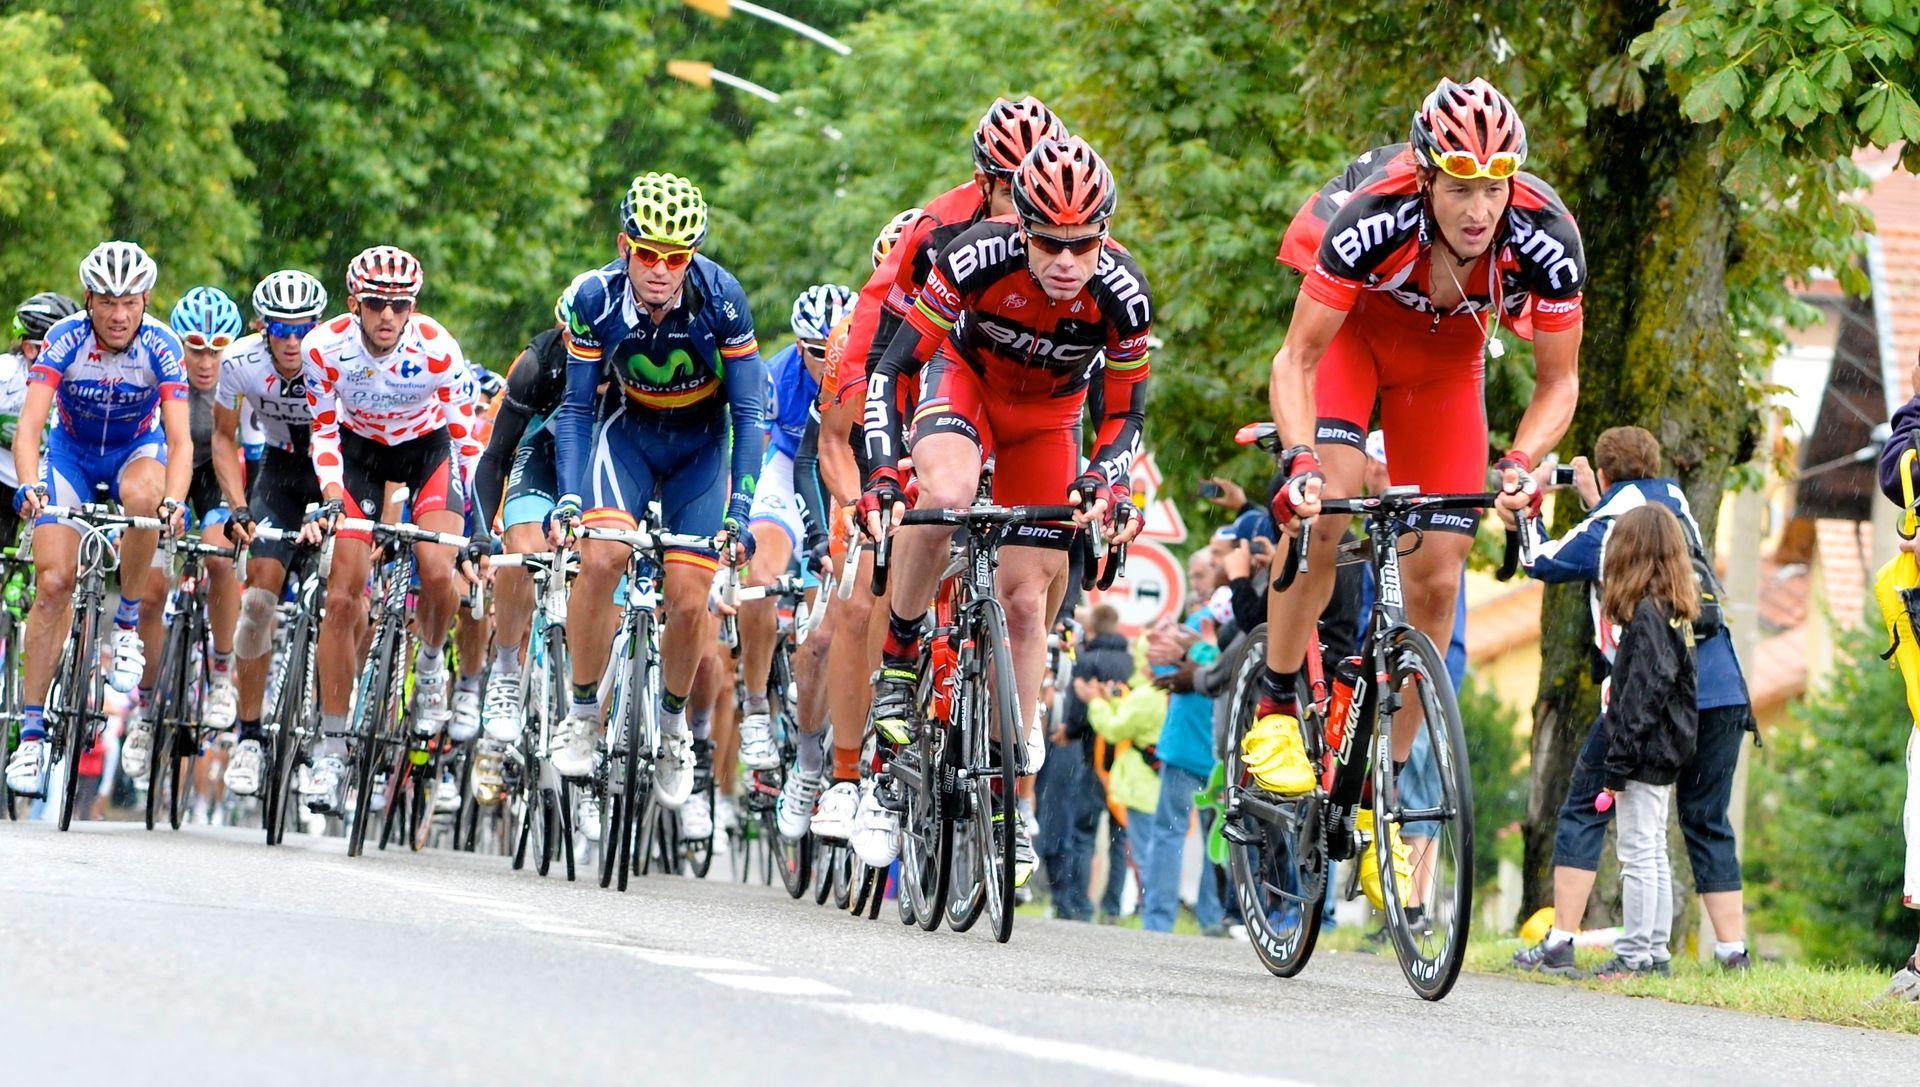 Le Tour De France | Ot Gap Tallard Vallées à Gap Sur La Carte De France